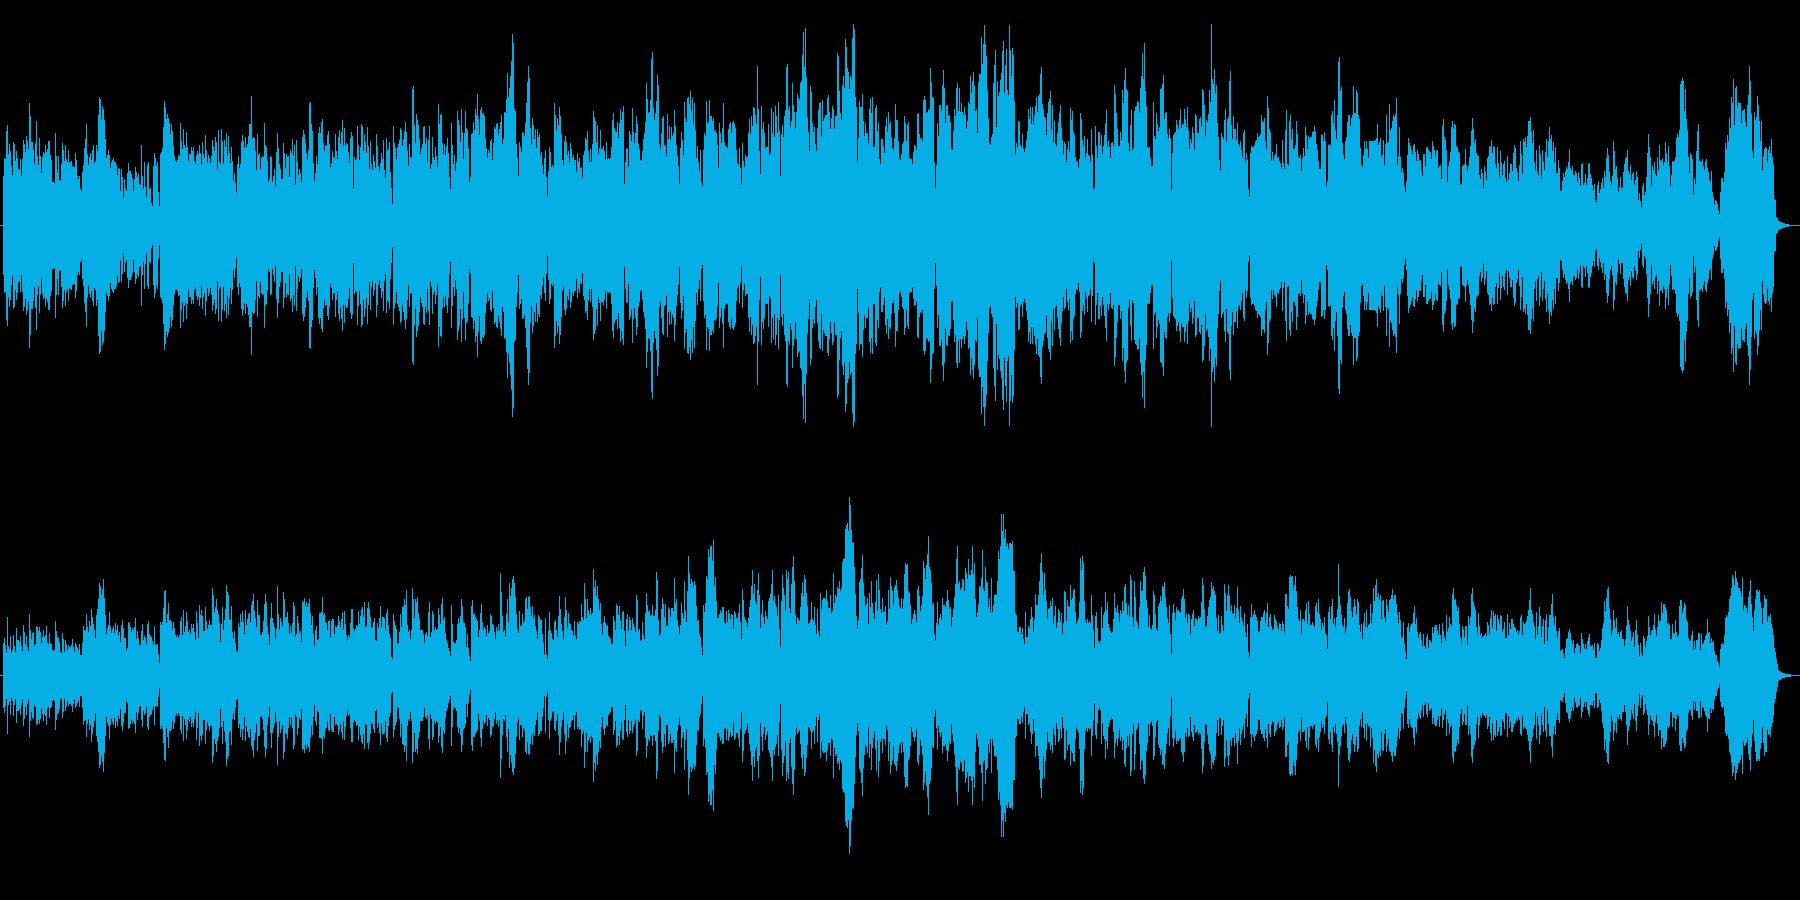 情感あふれるチェロとヴァイオリンのBGMの再生済みの波形